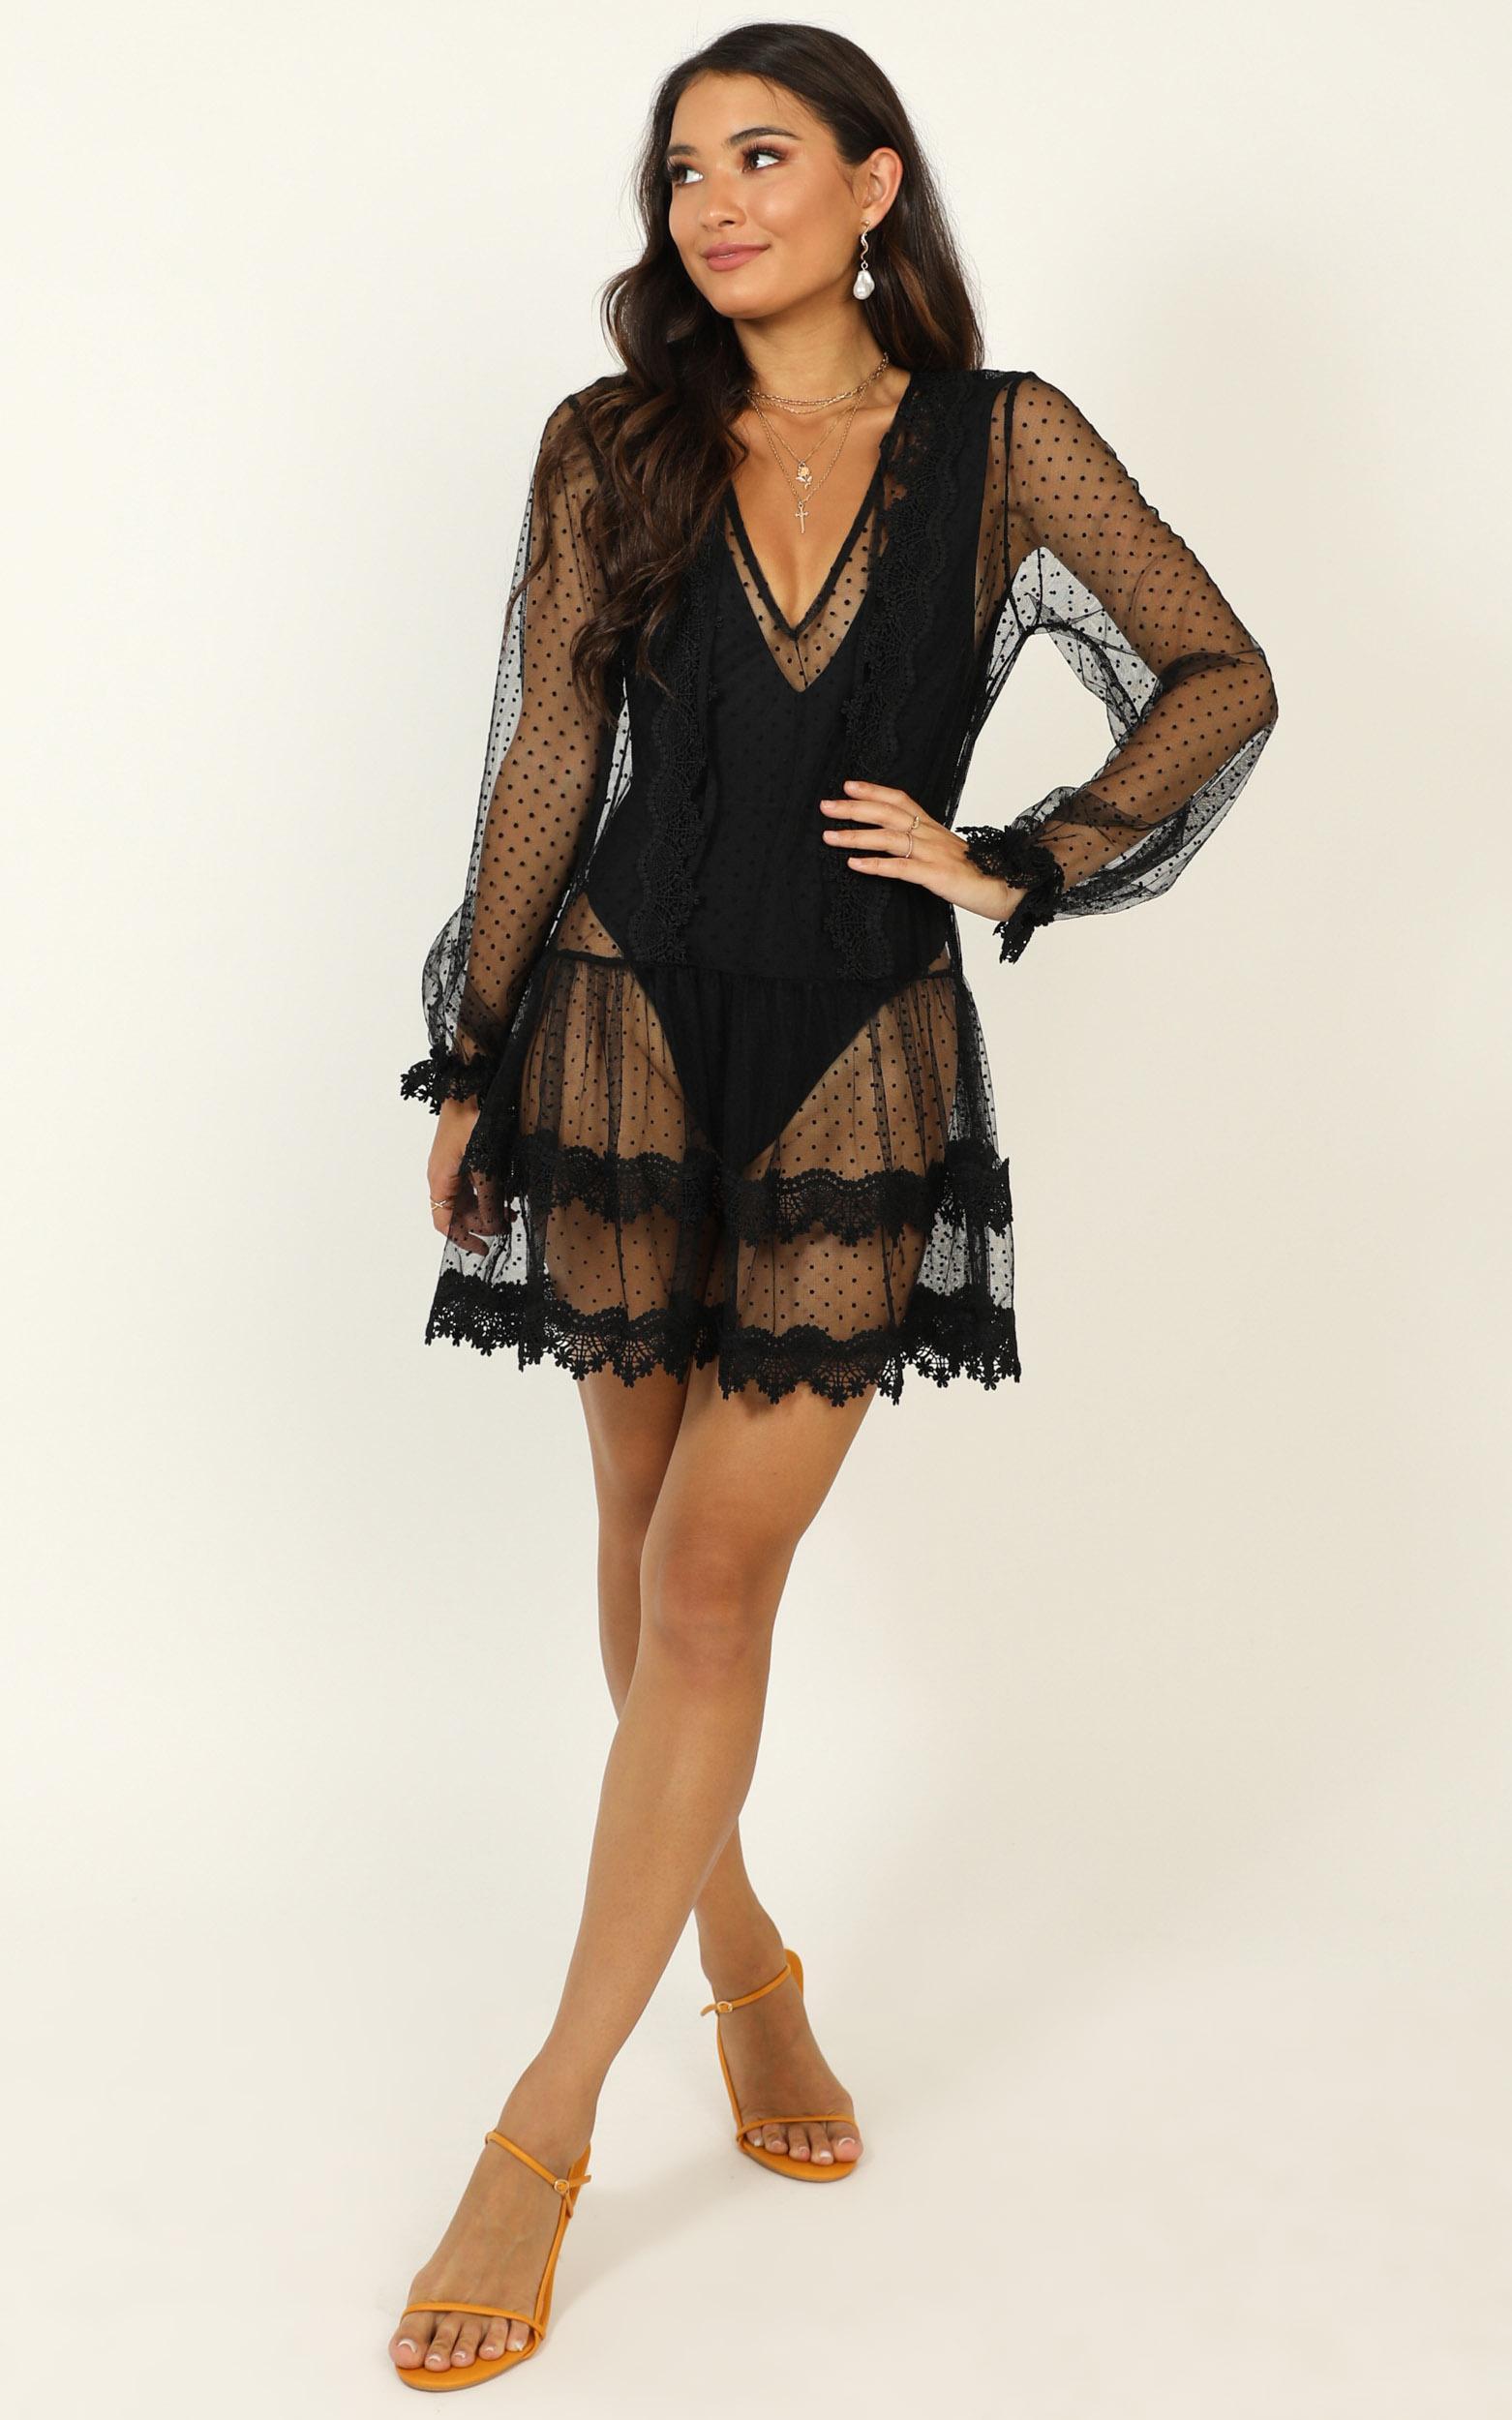 Summer Frolick Dress In black spot - 14 (XL), Black, hi-res image number null